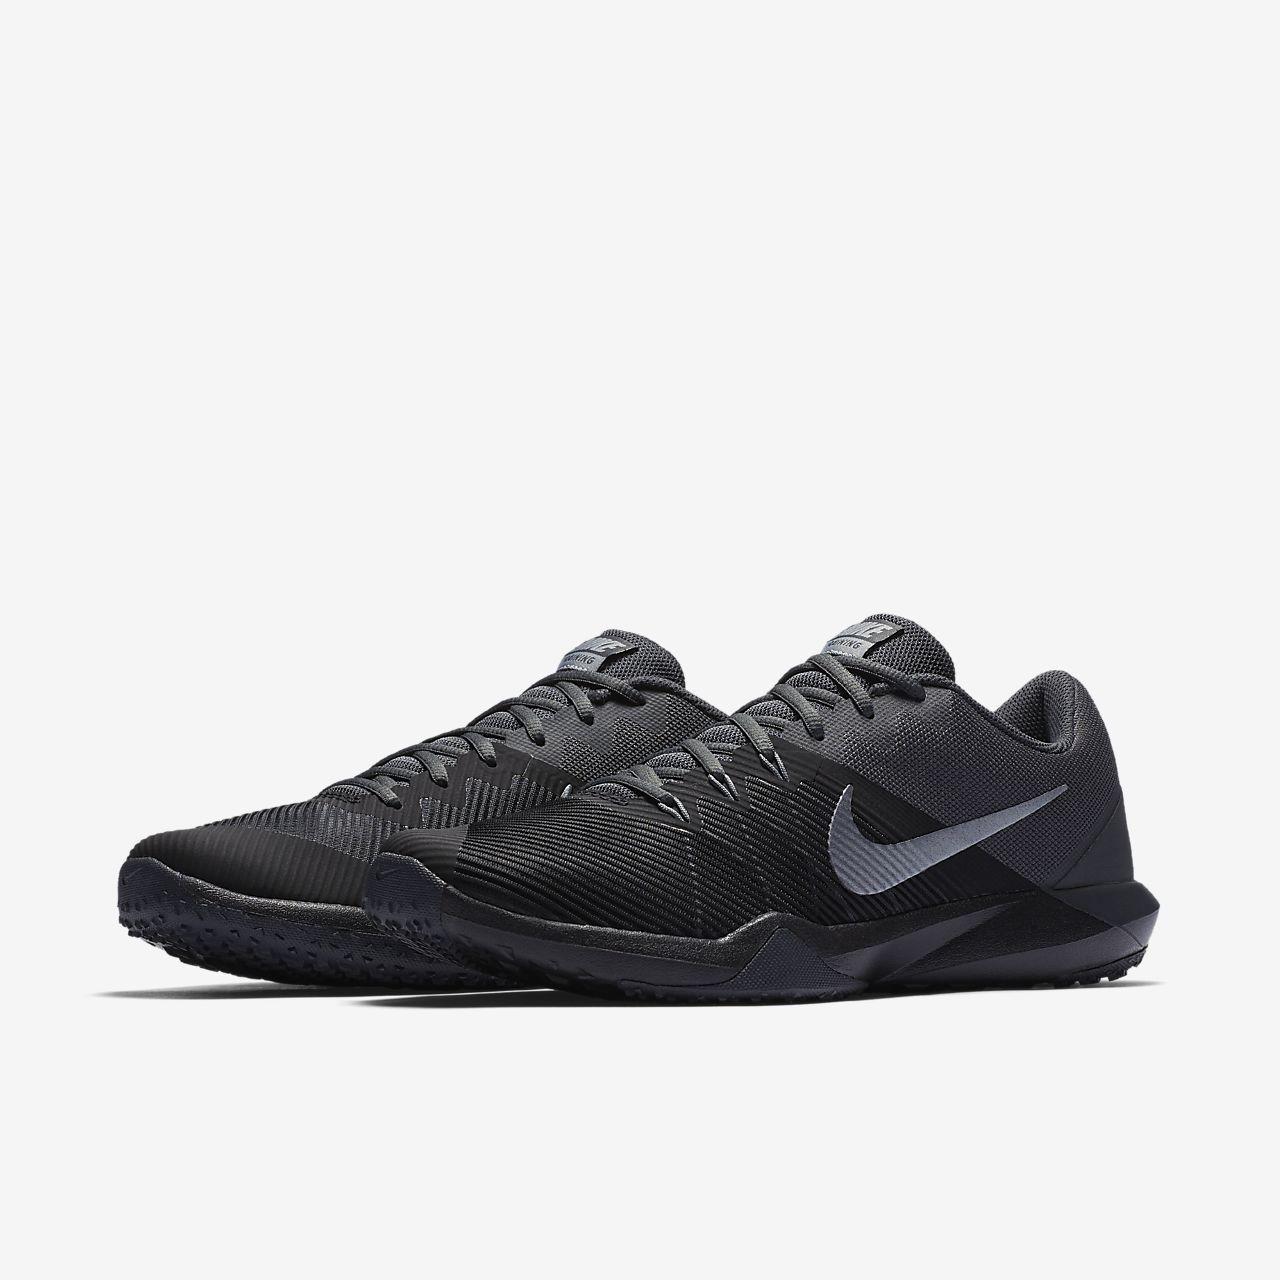 723b12e479060 Nike Retaliation TR Men s Gym Training Workout Shoe. Nike.com